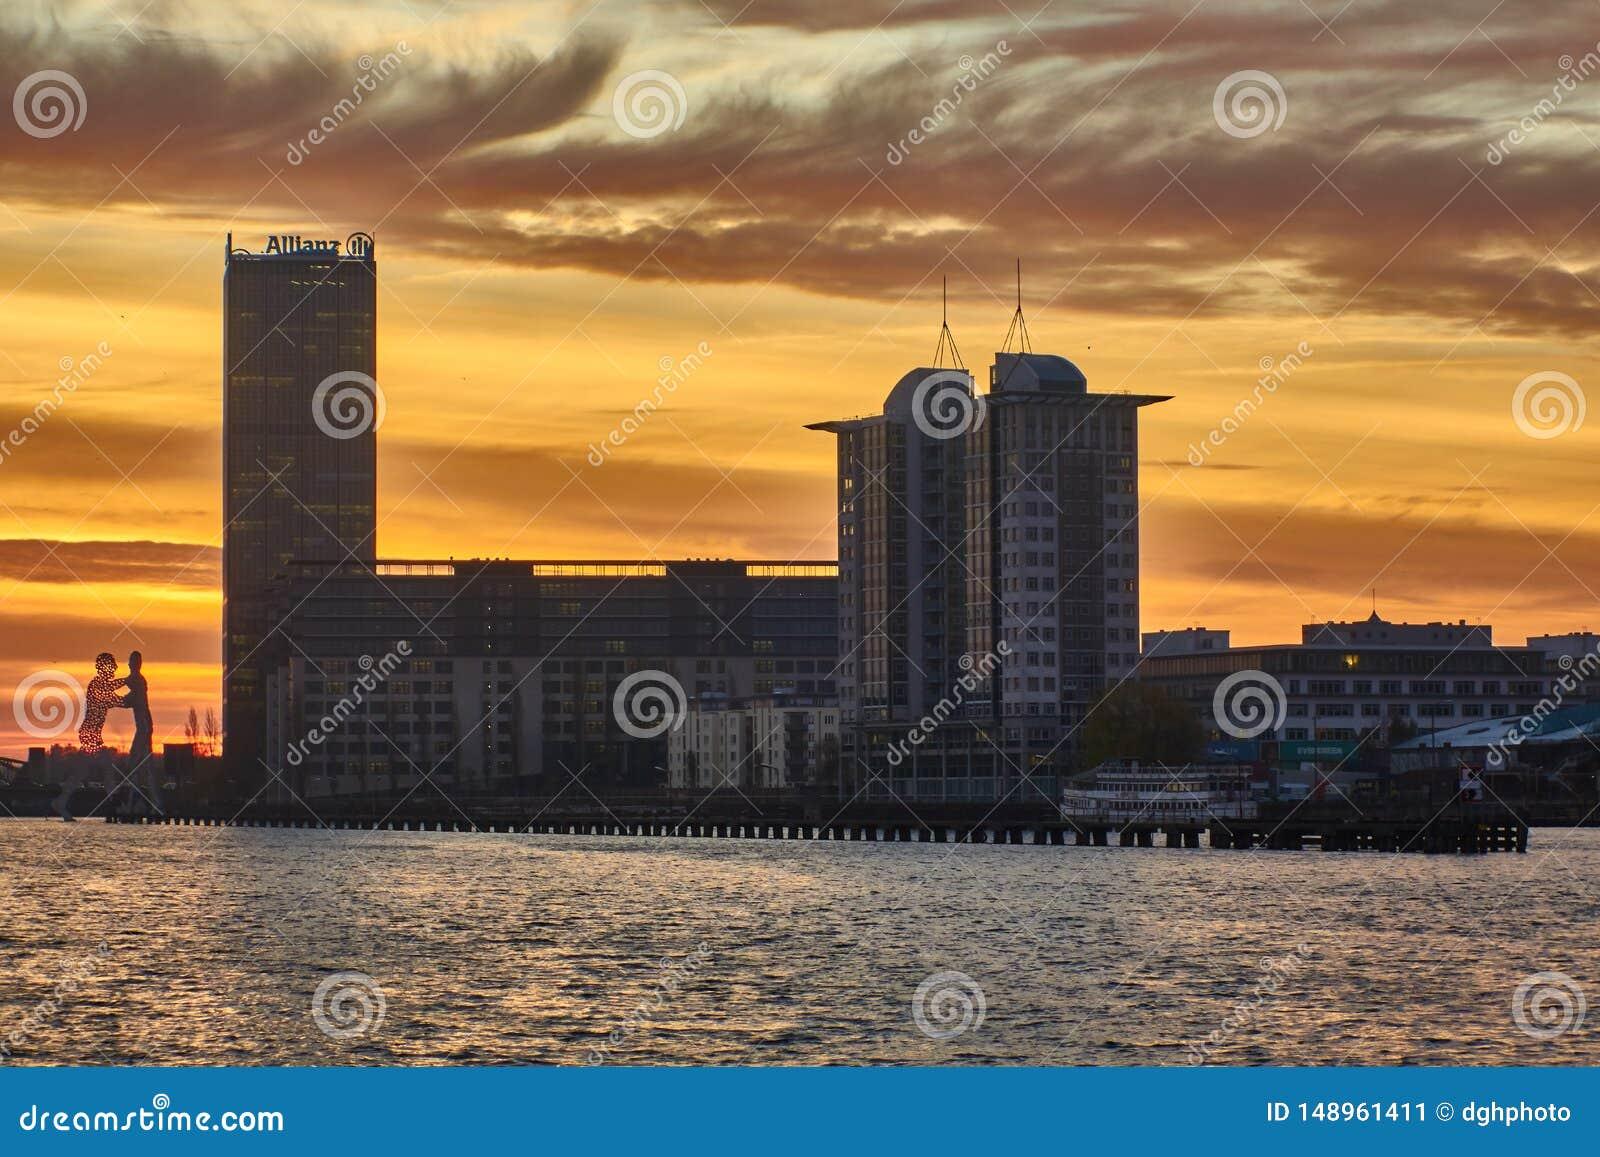 Berl?n, Alemania - 29 de noviembre de 2018: Diversi?n del r?o con el edificio de la compa??a de seguros de Allianz, y del hombre